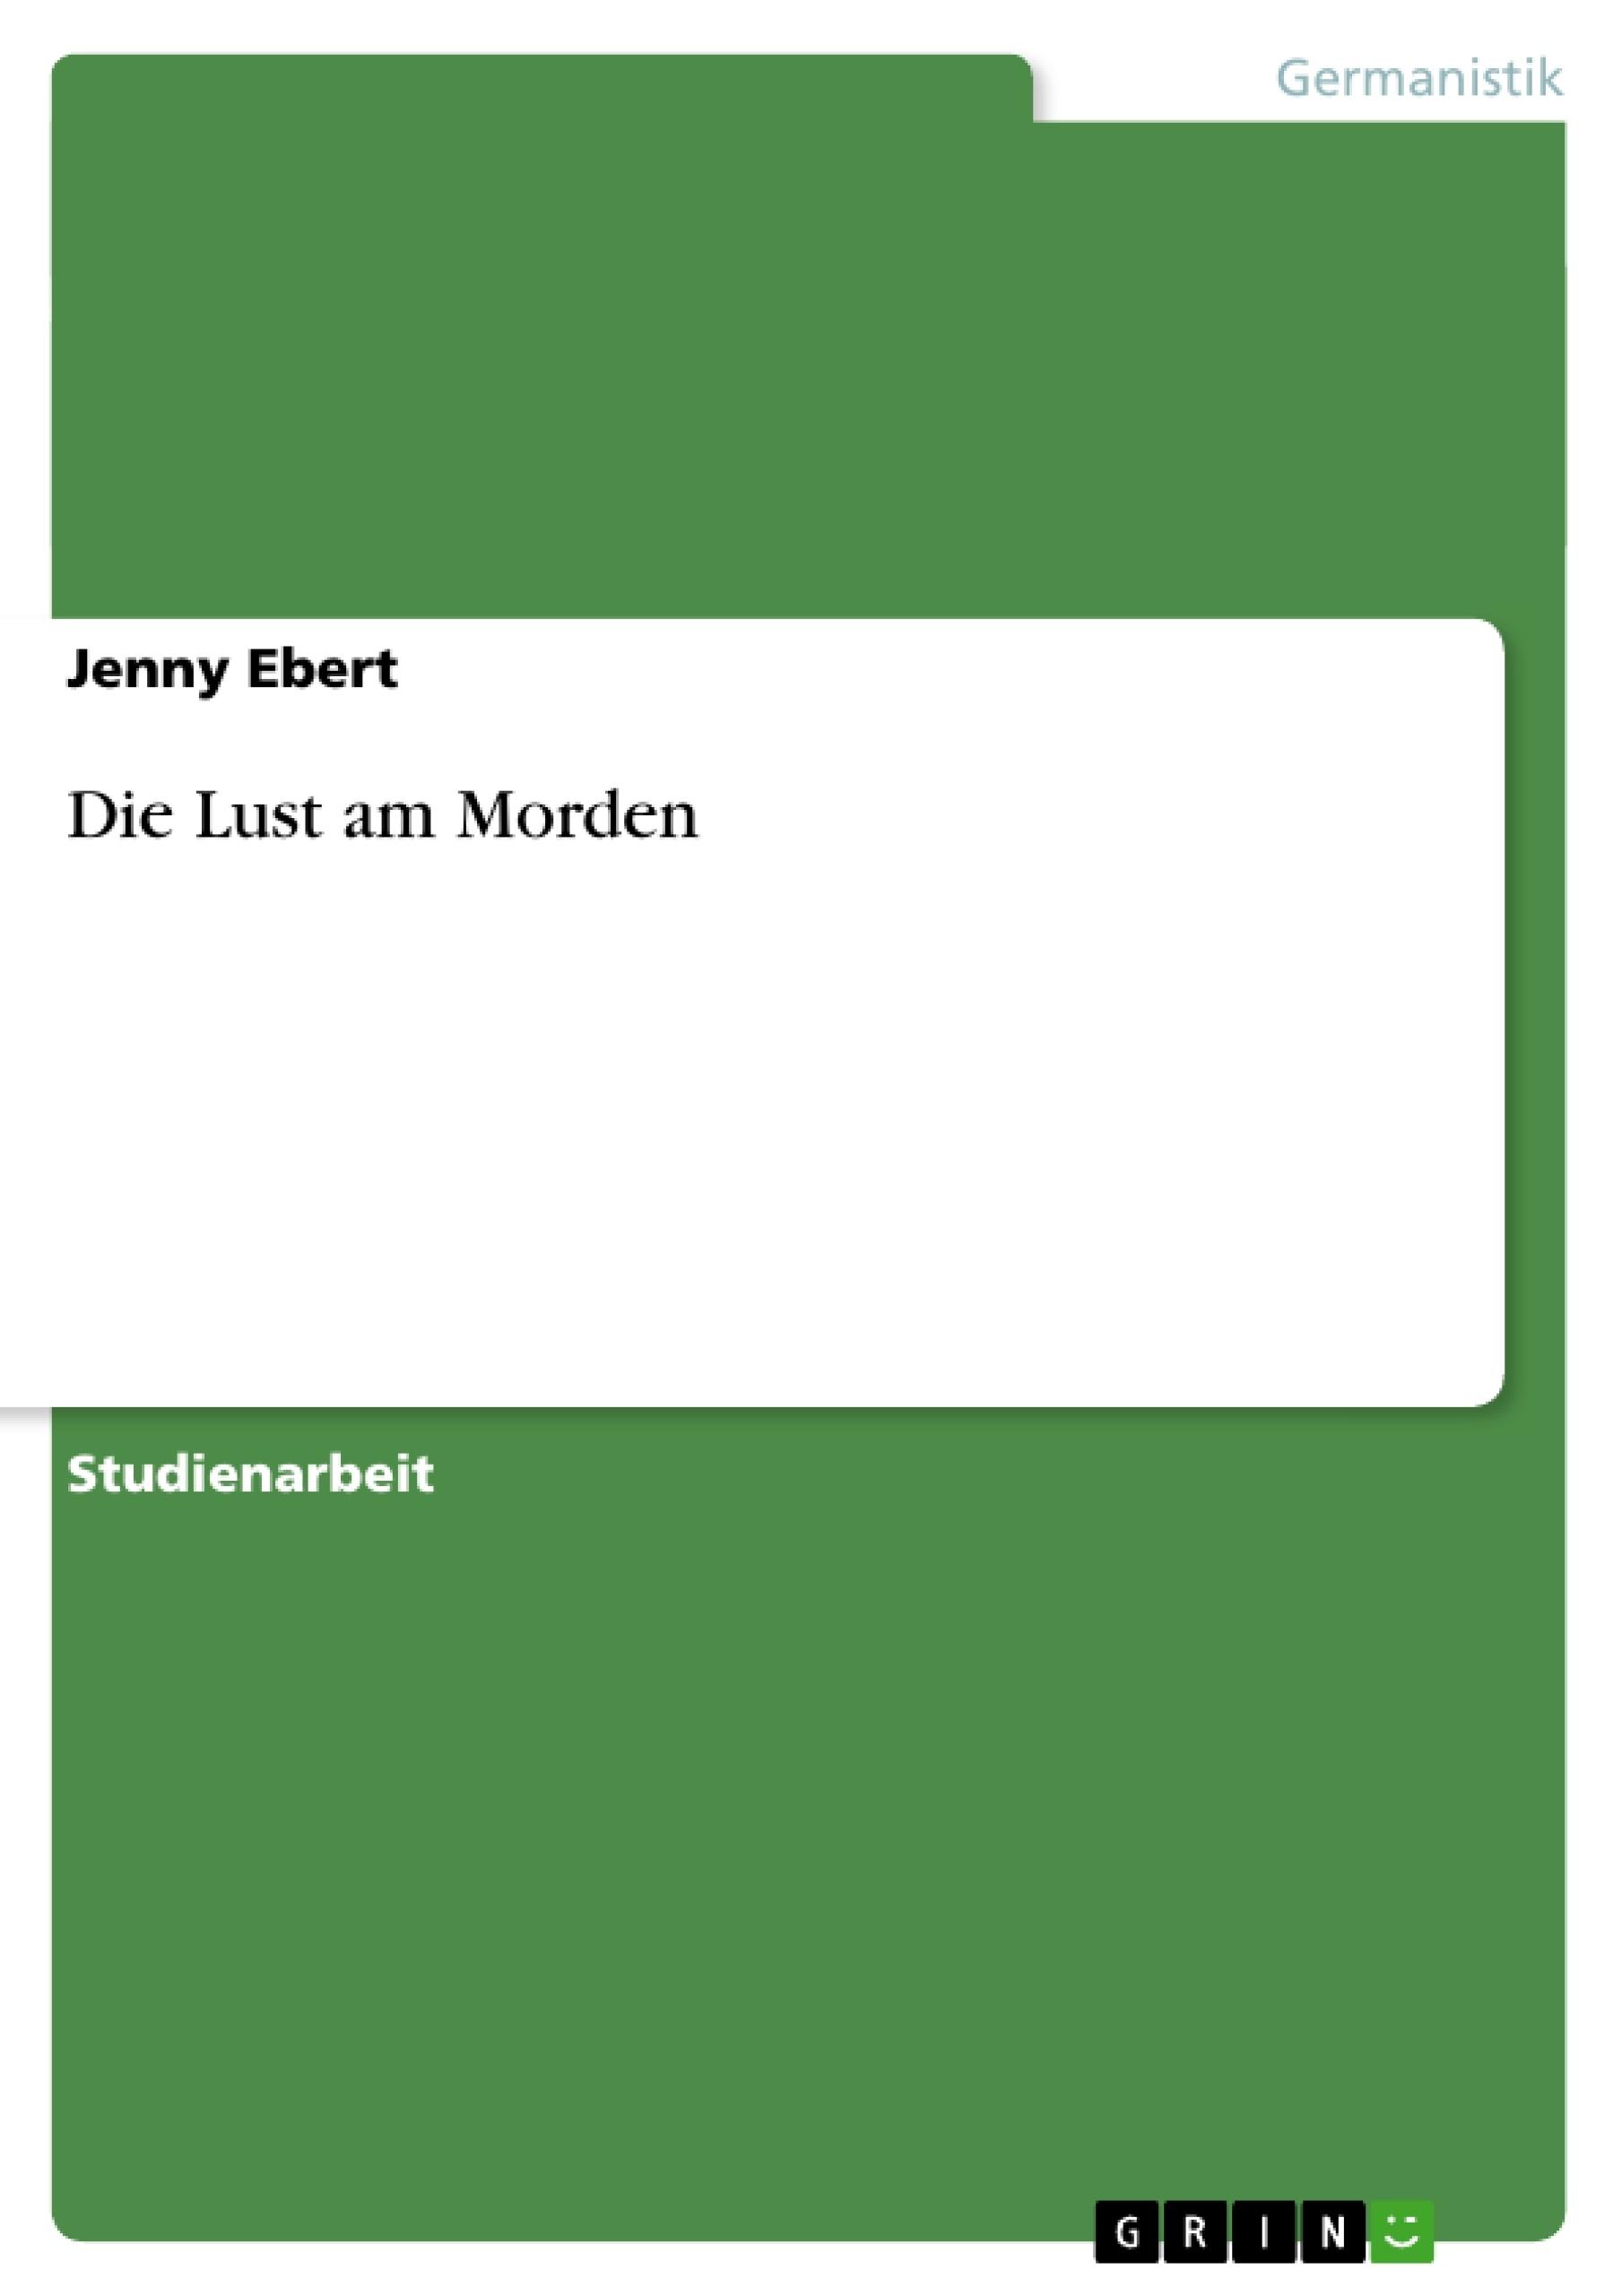 badoo deutschland erotische literatur leseprobe